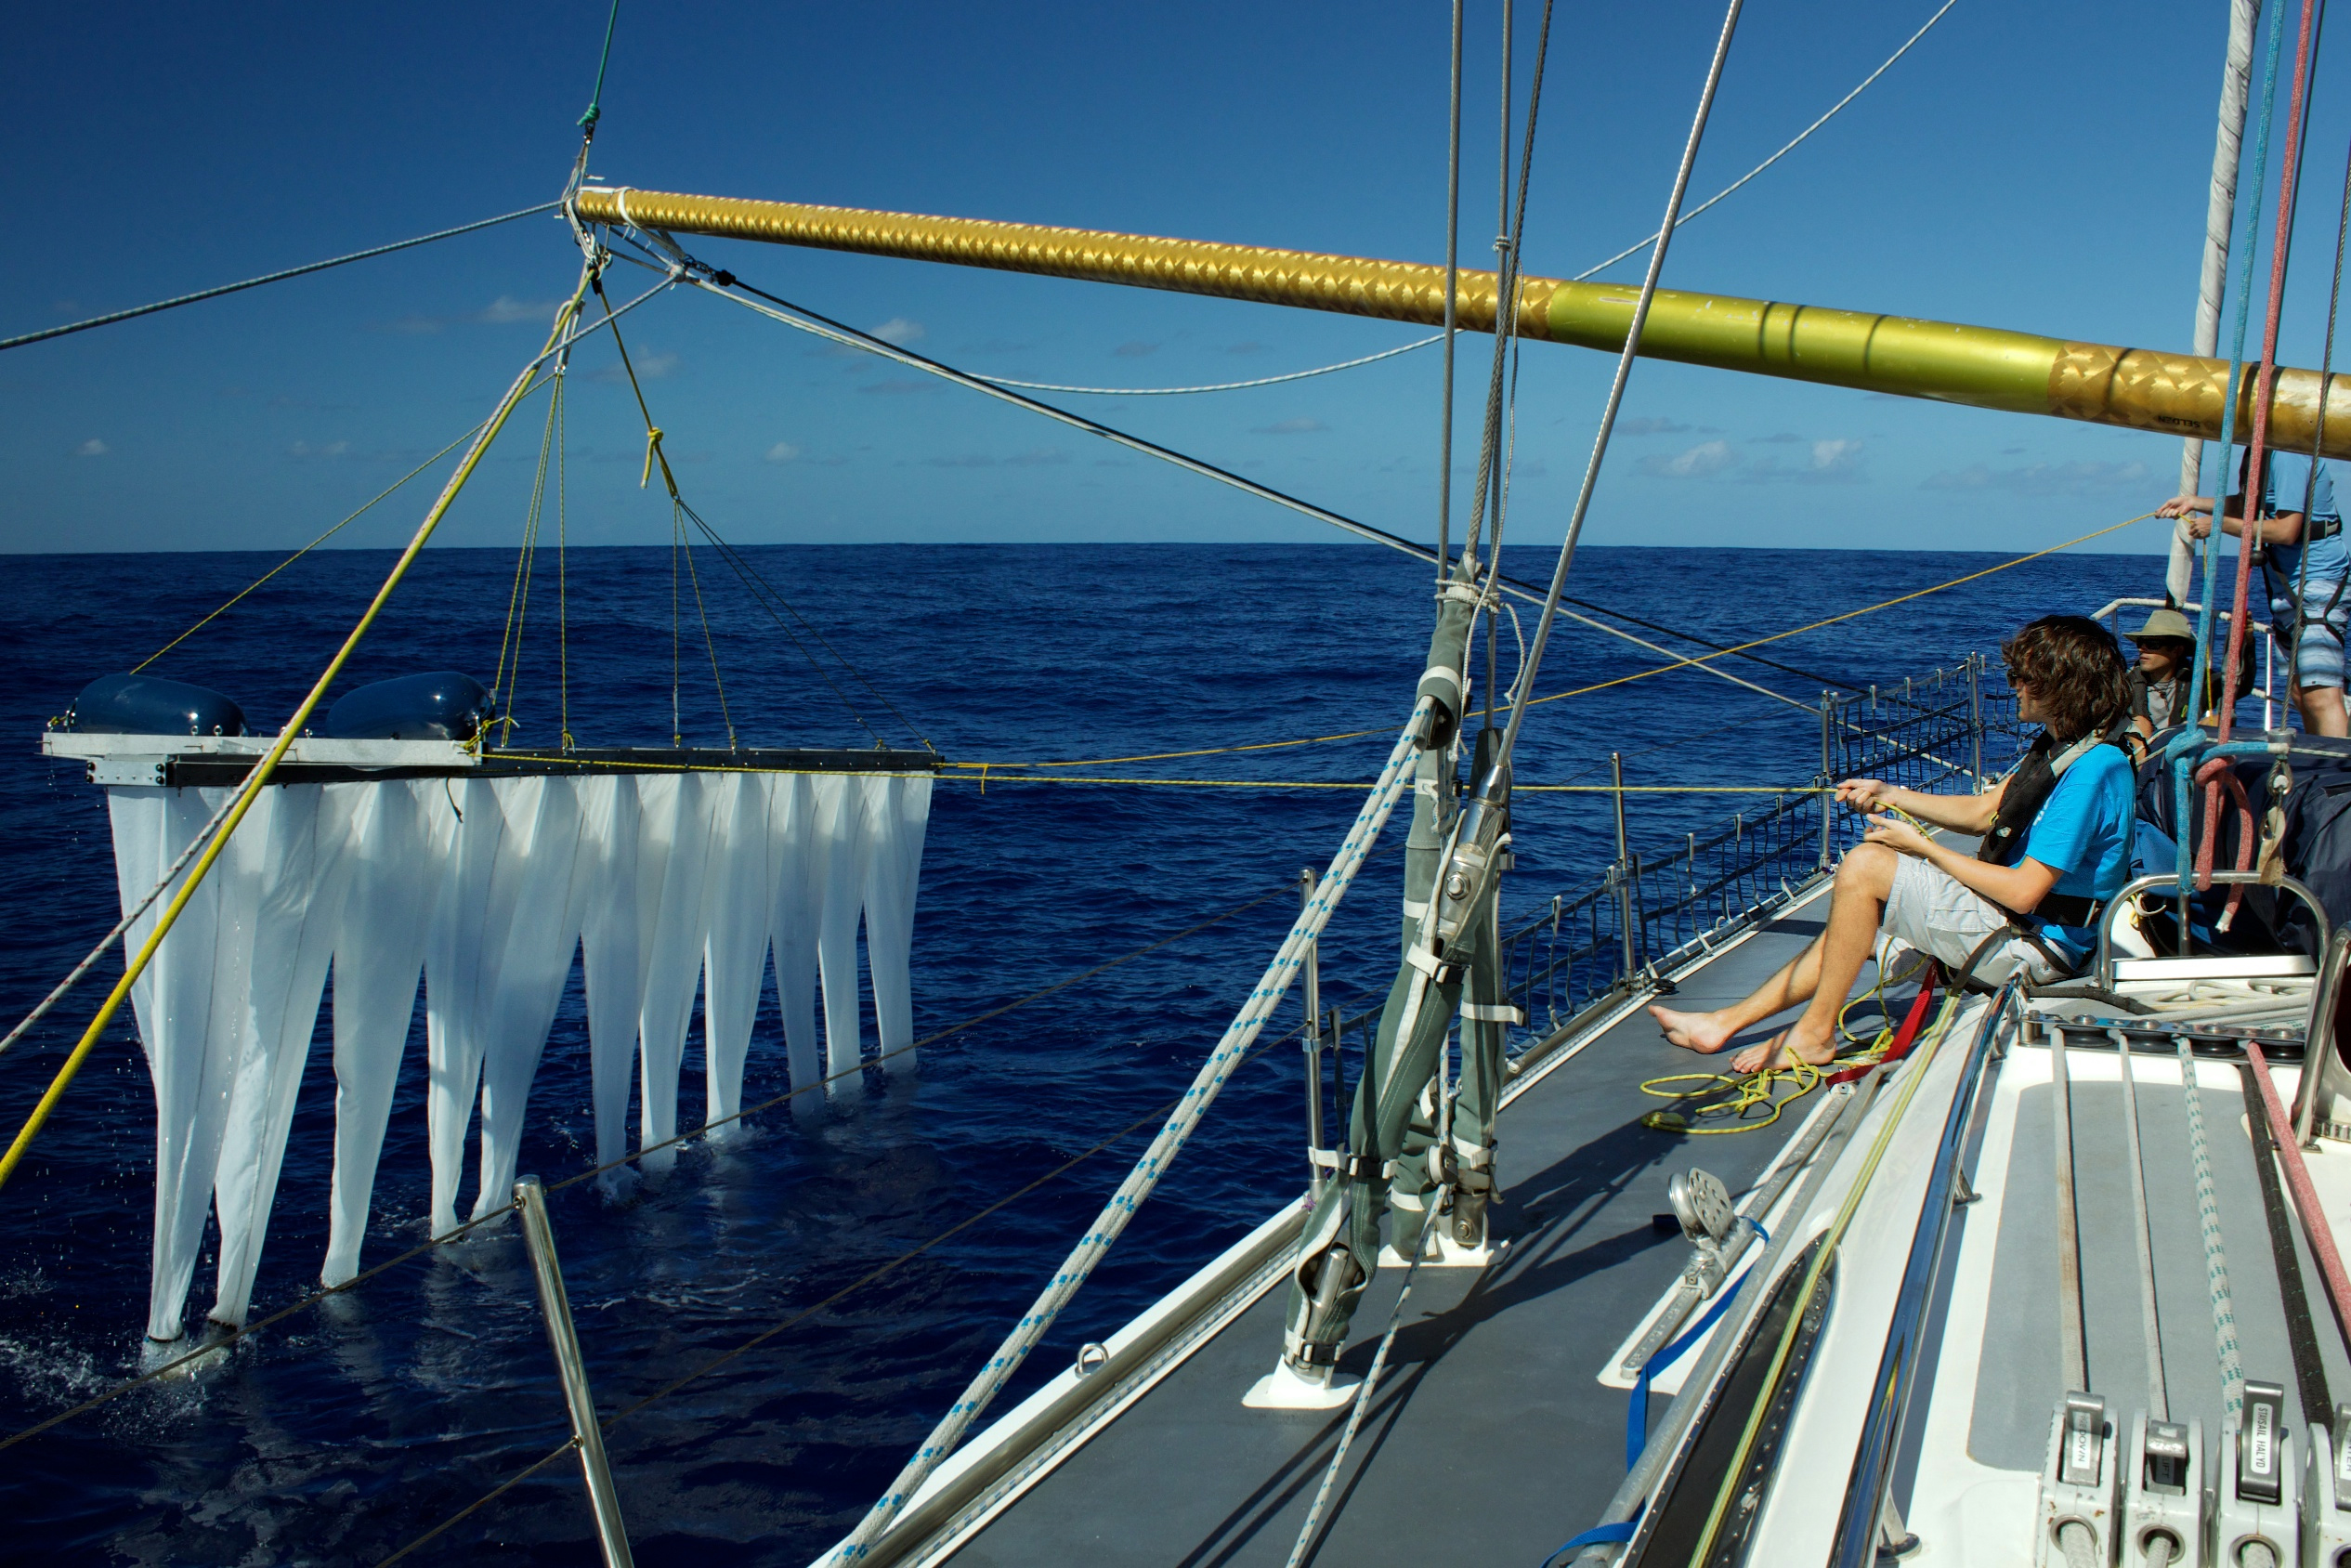 (c) ocean cleanup